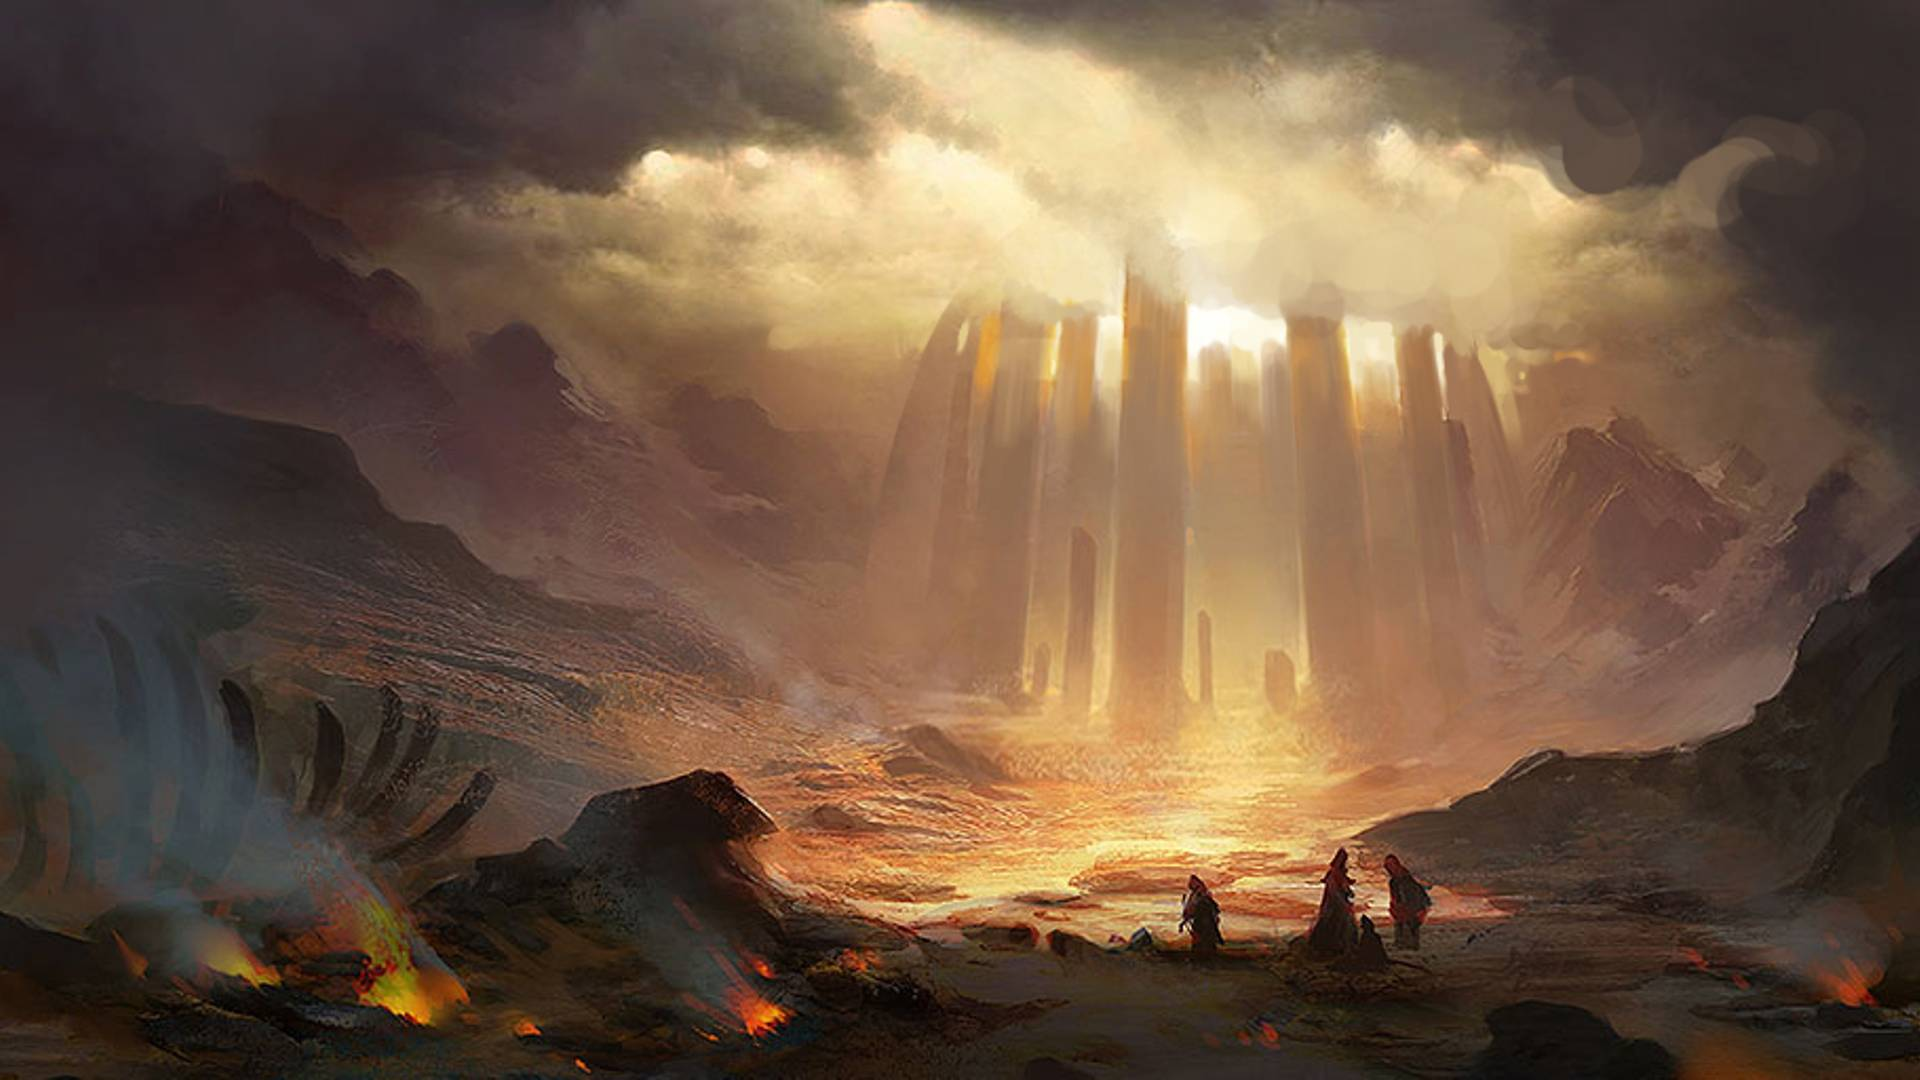 Deshalb freu ich mich auf Path of Fire, das neue Addon für Guild Wars 2